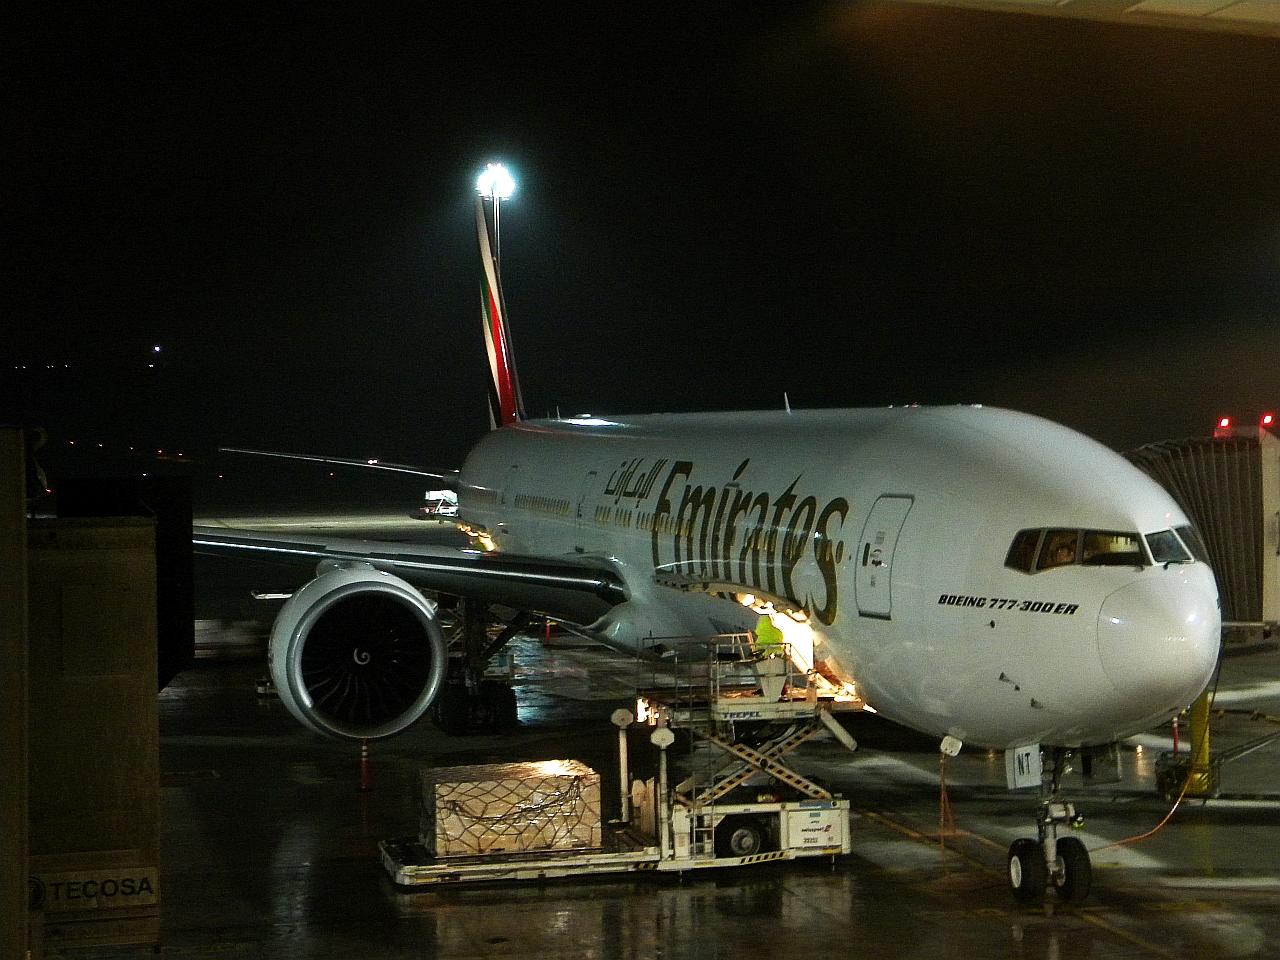 Самолет Boeing 777-300ER авиакомпании Emirates в аэропорту Мадрида